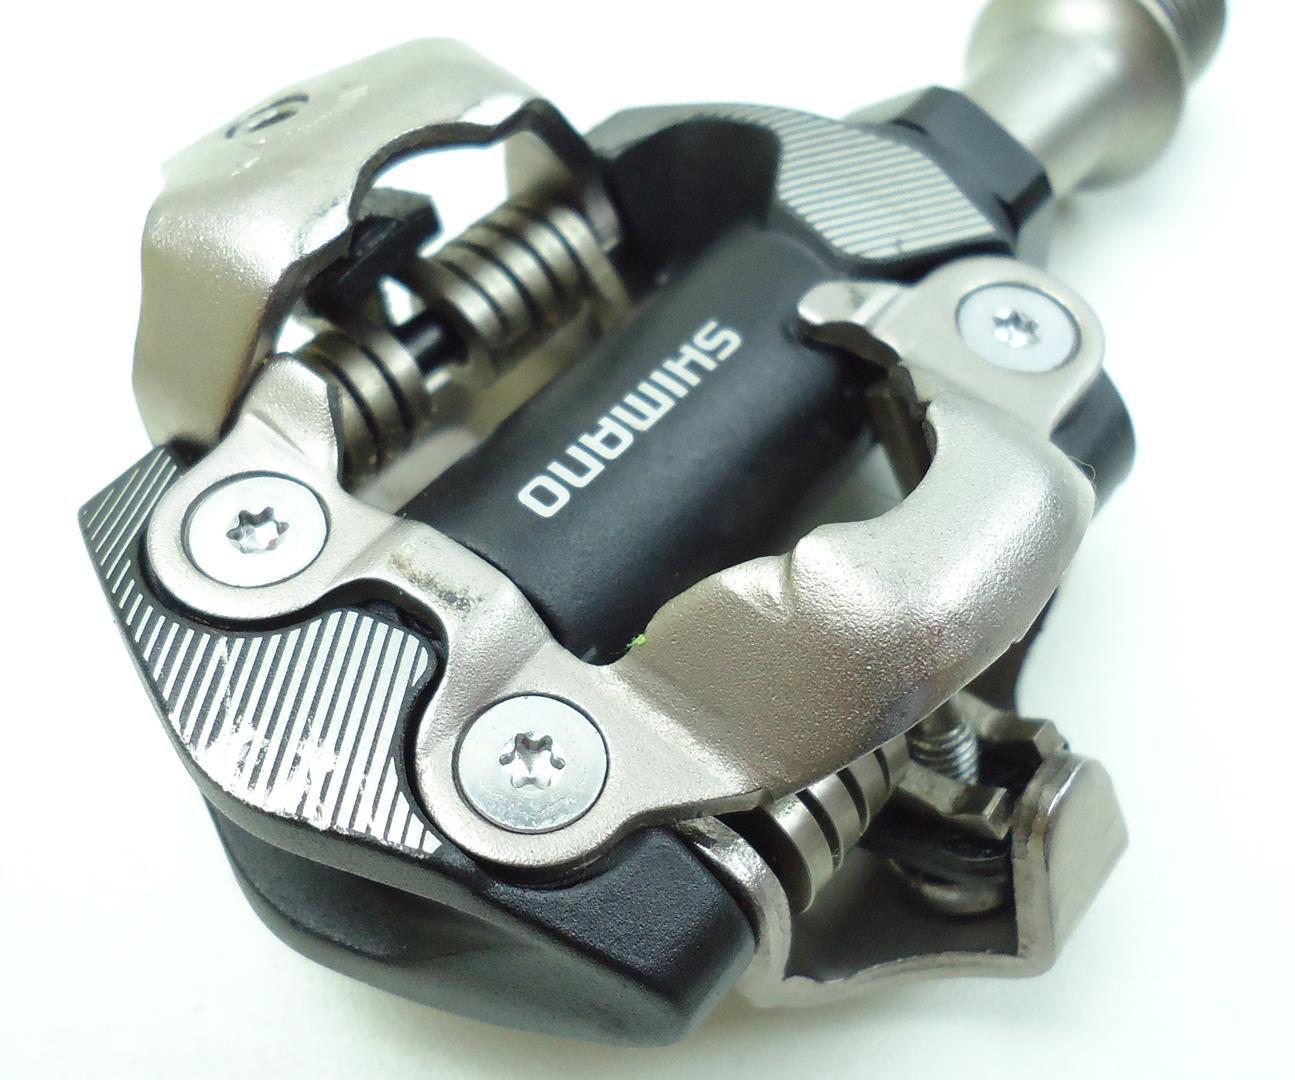 Pedal Encaixe Clip Bicicleta Mountain-Bike Shimano Xt M8100 Preto Com Taquinhos Sh-51 - USADO